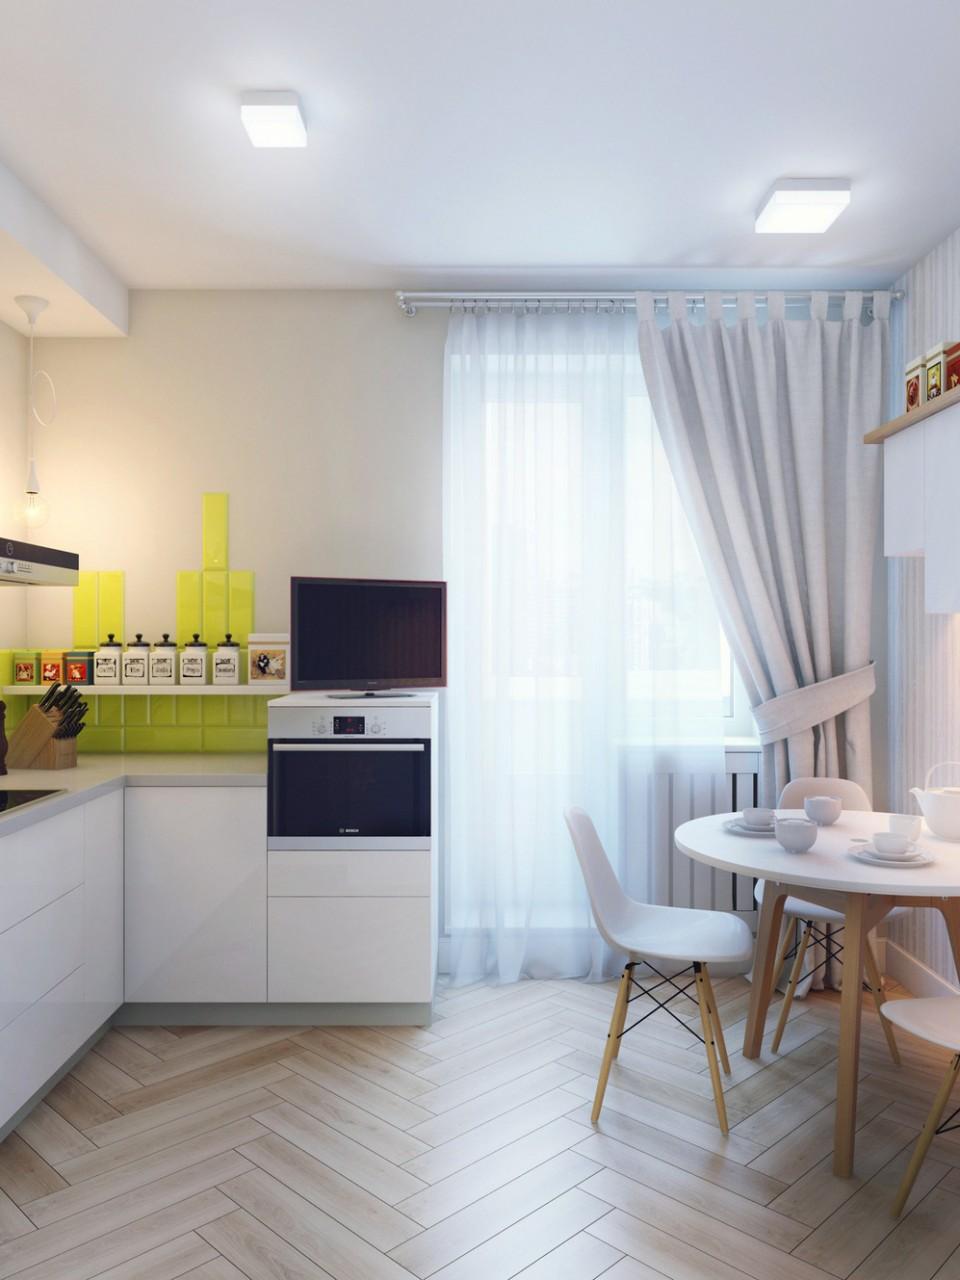 Фотография: кухня и столовая в стиле... / интерьер / интерье.